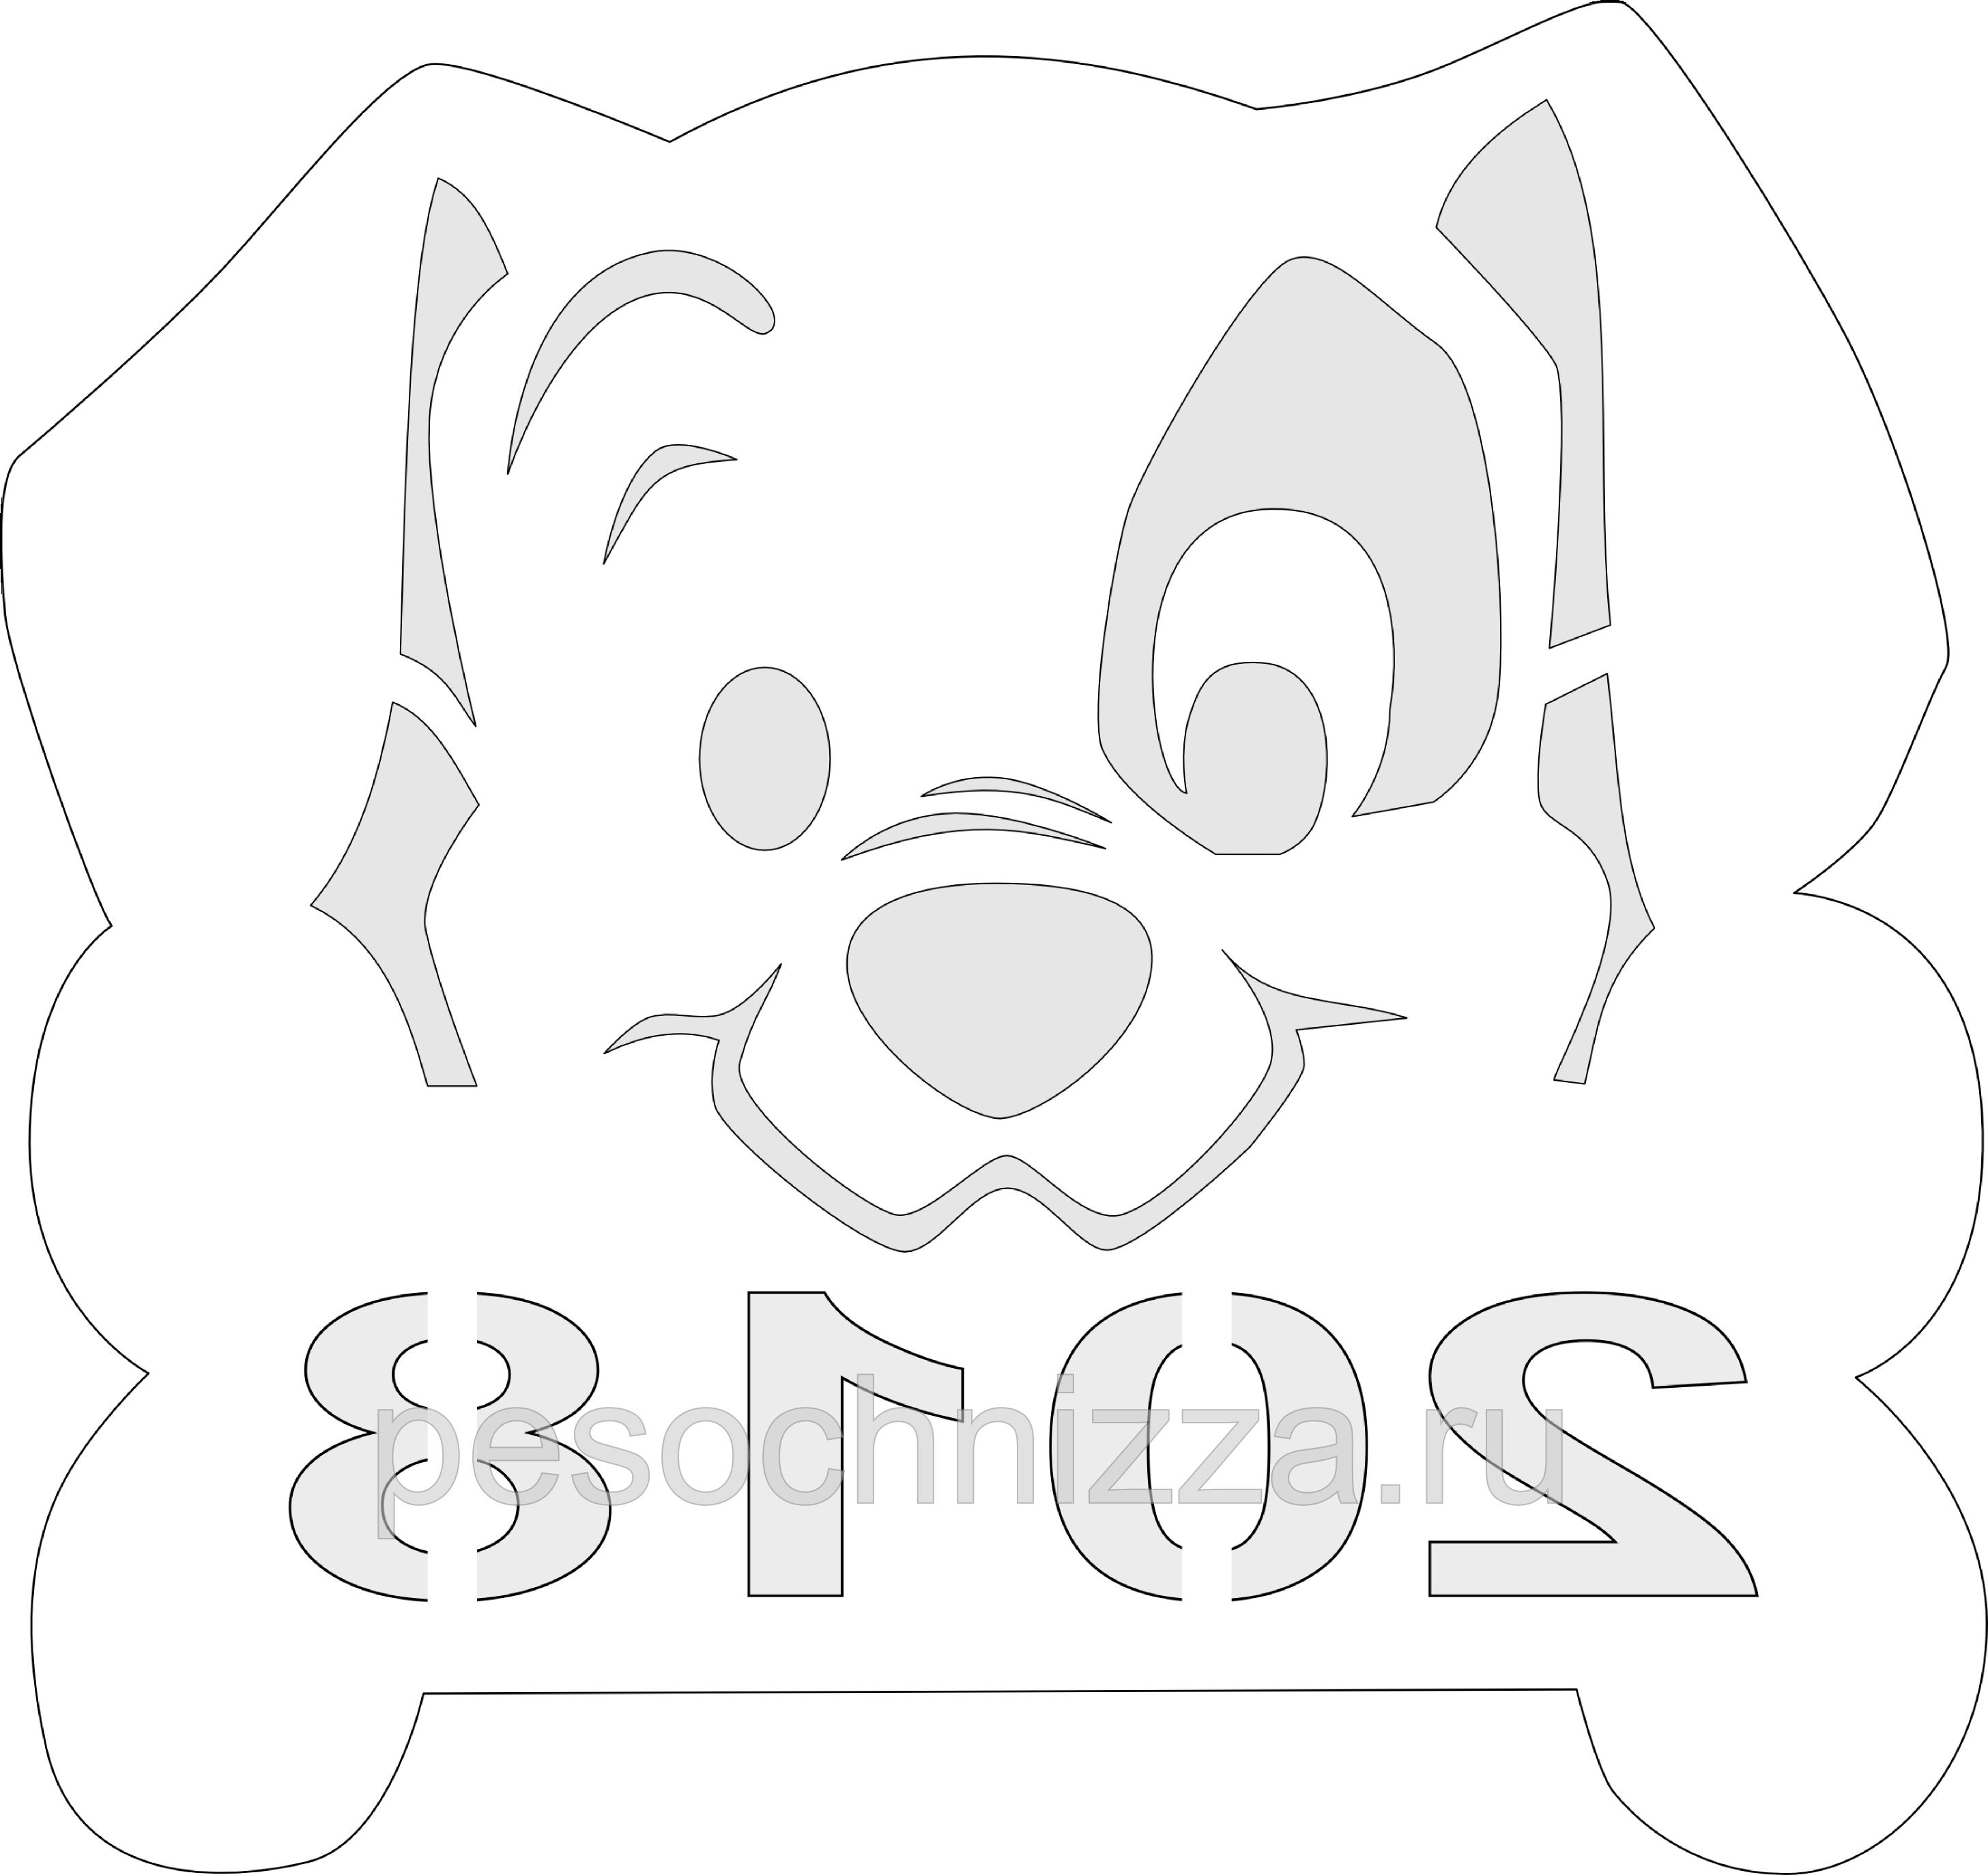 vytynanka_sobaka_dolmatinets_3_2018_paper_cutting_dog.png 2913×2748 пикс